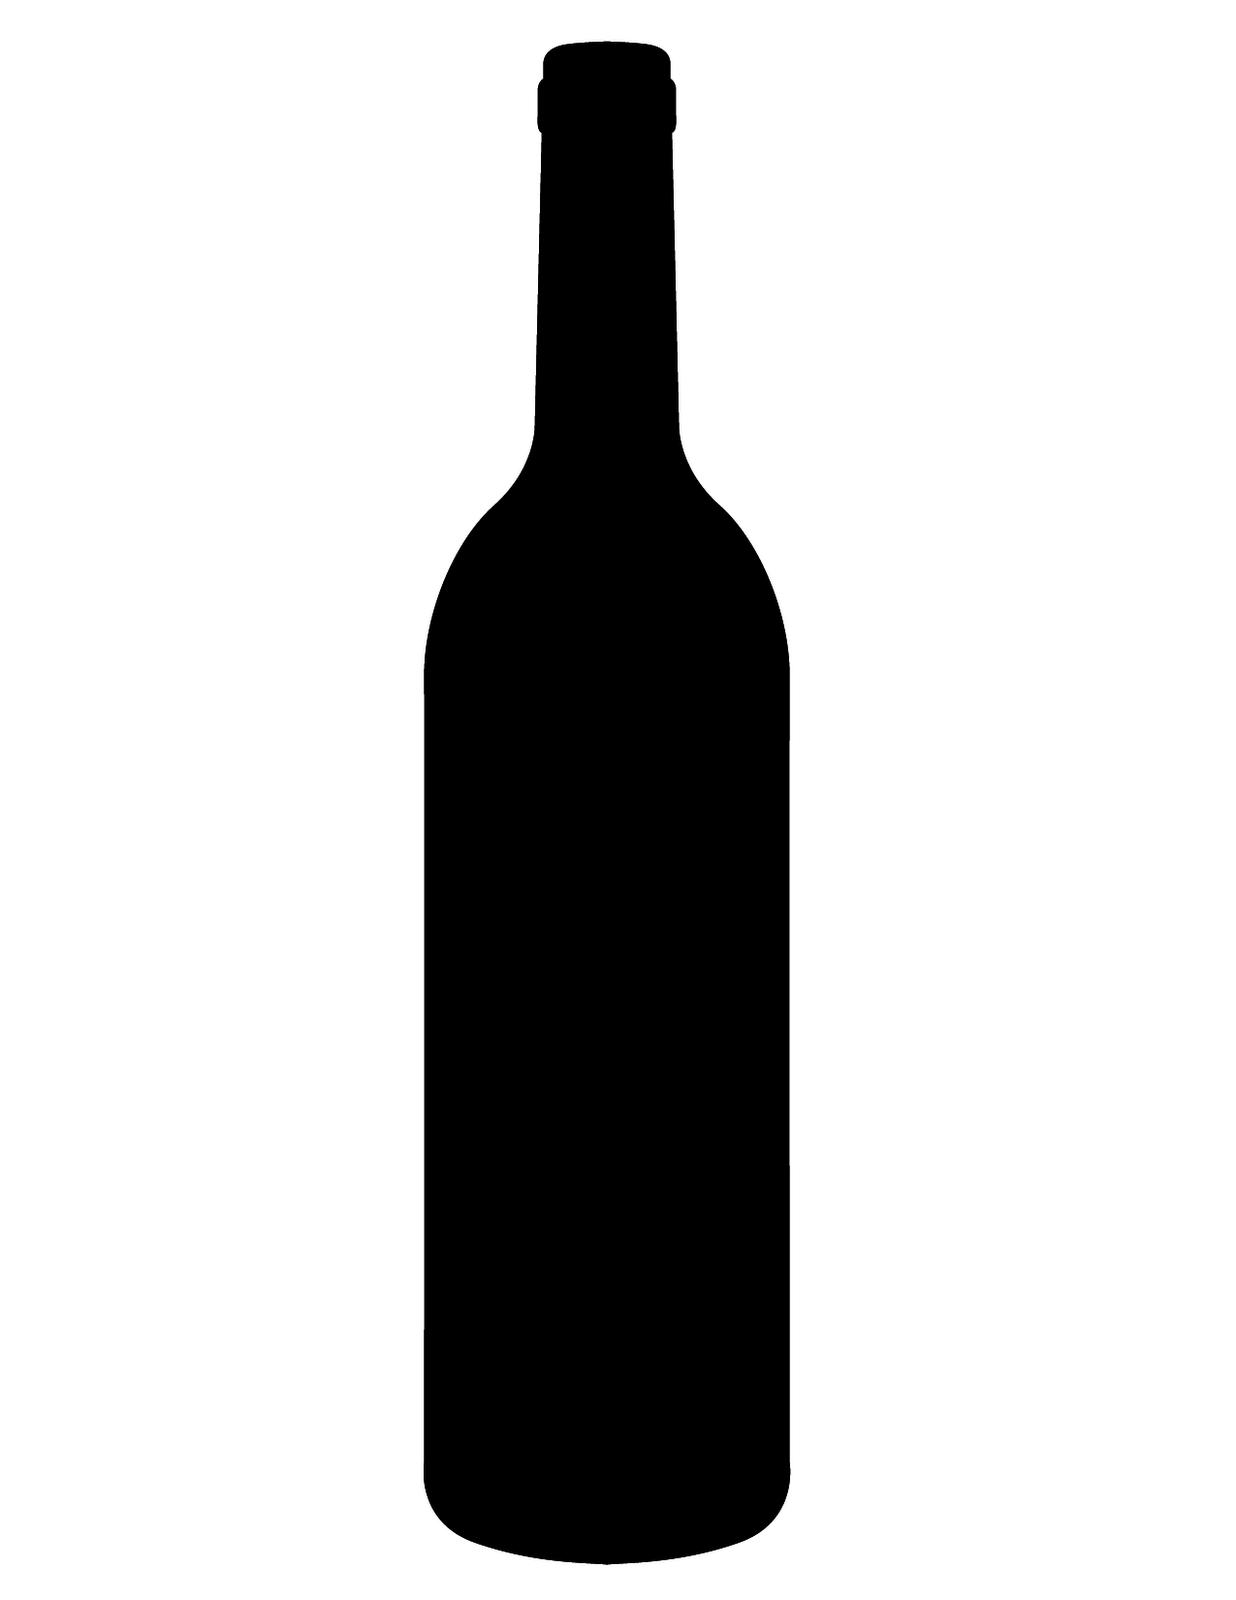 $40 Bottle (St. Paul Inside the Wall)